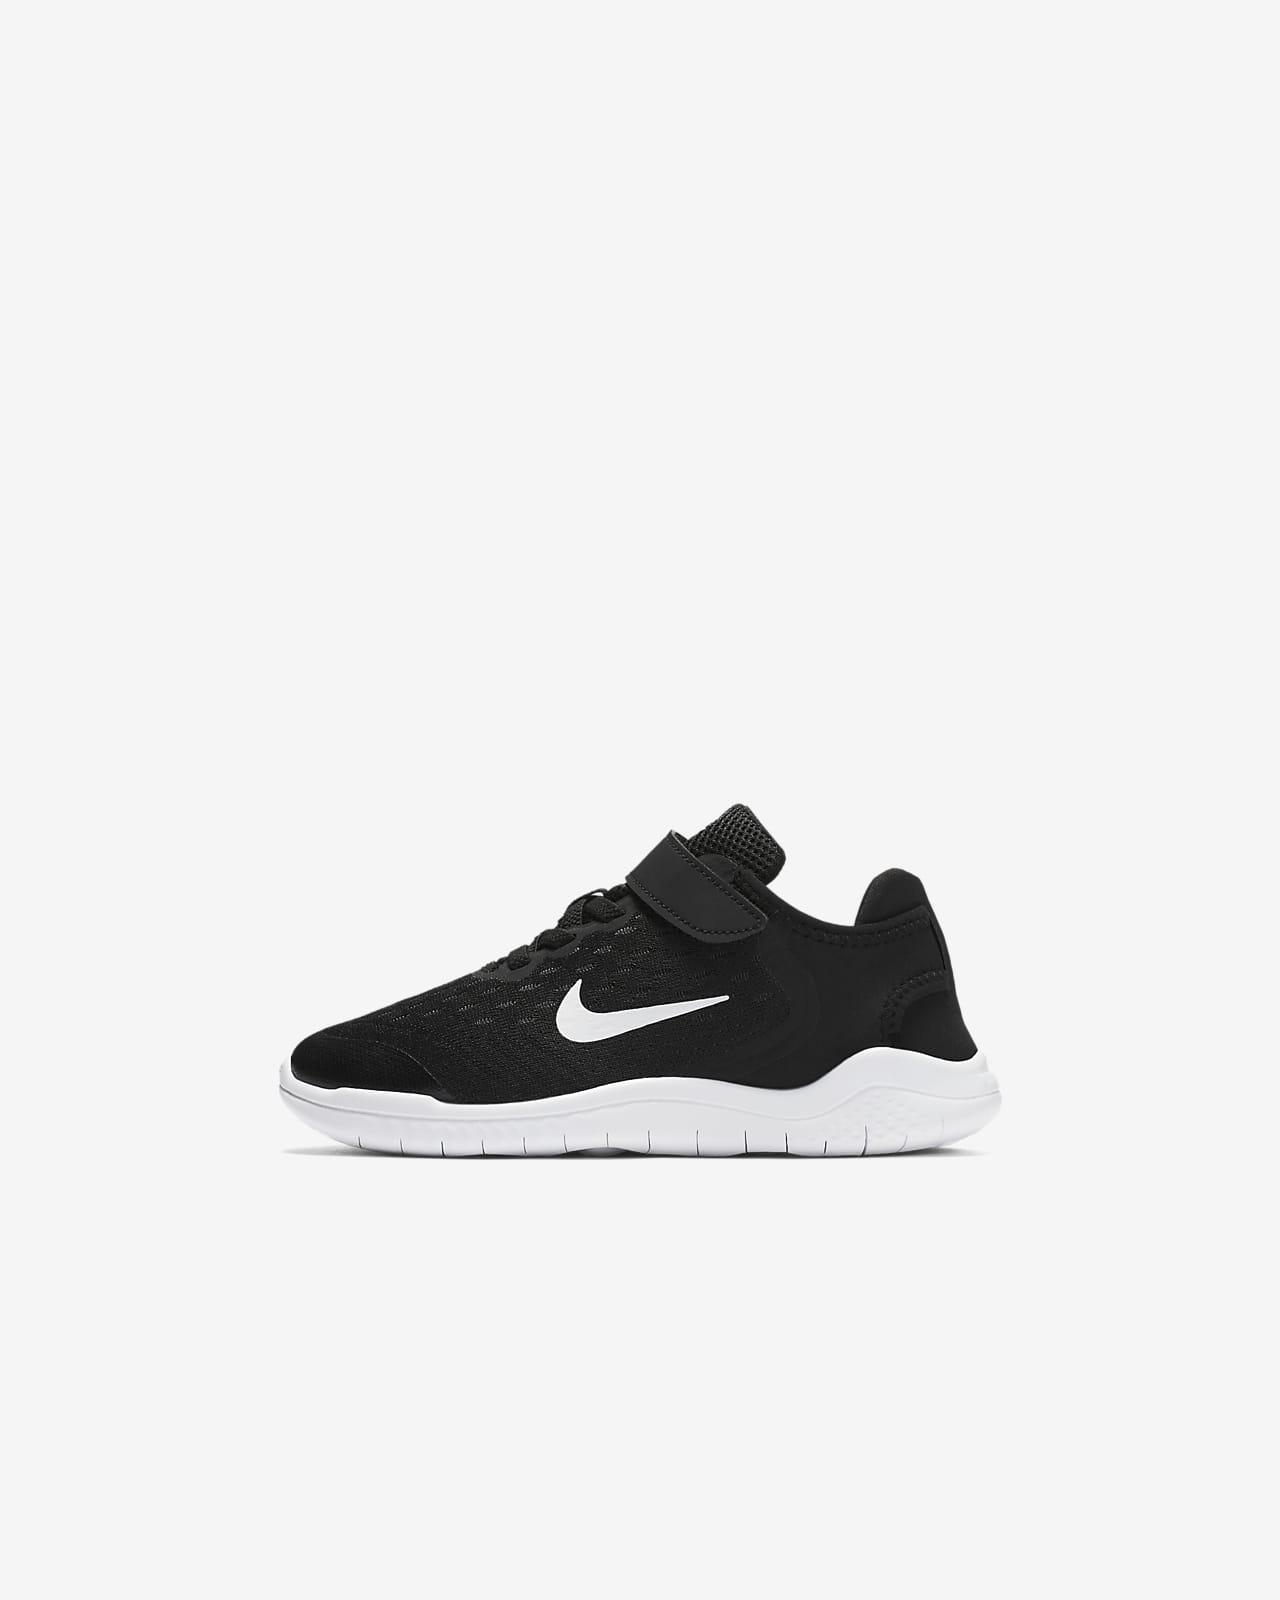 Nike Free RN 2018 Little Kids' Shoe